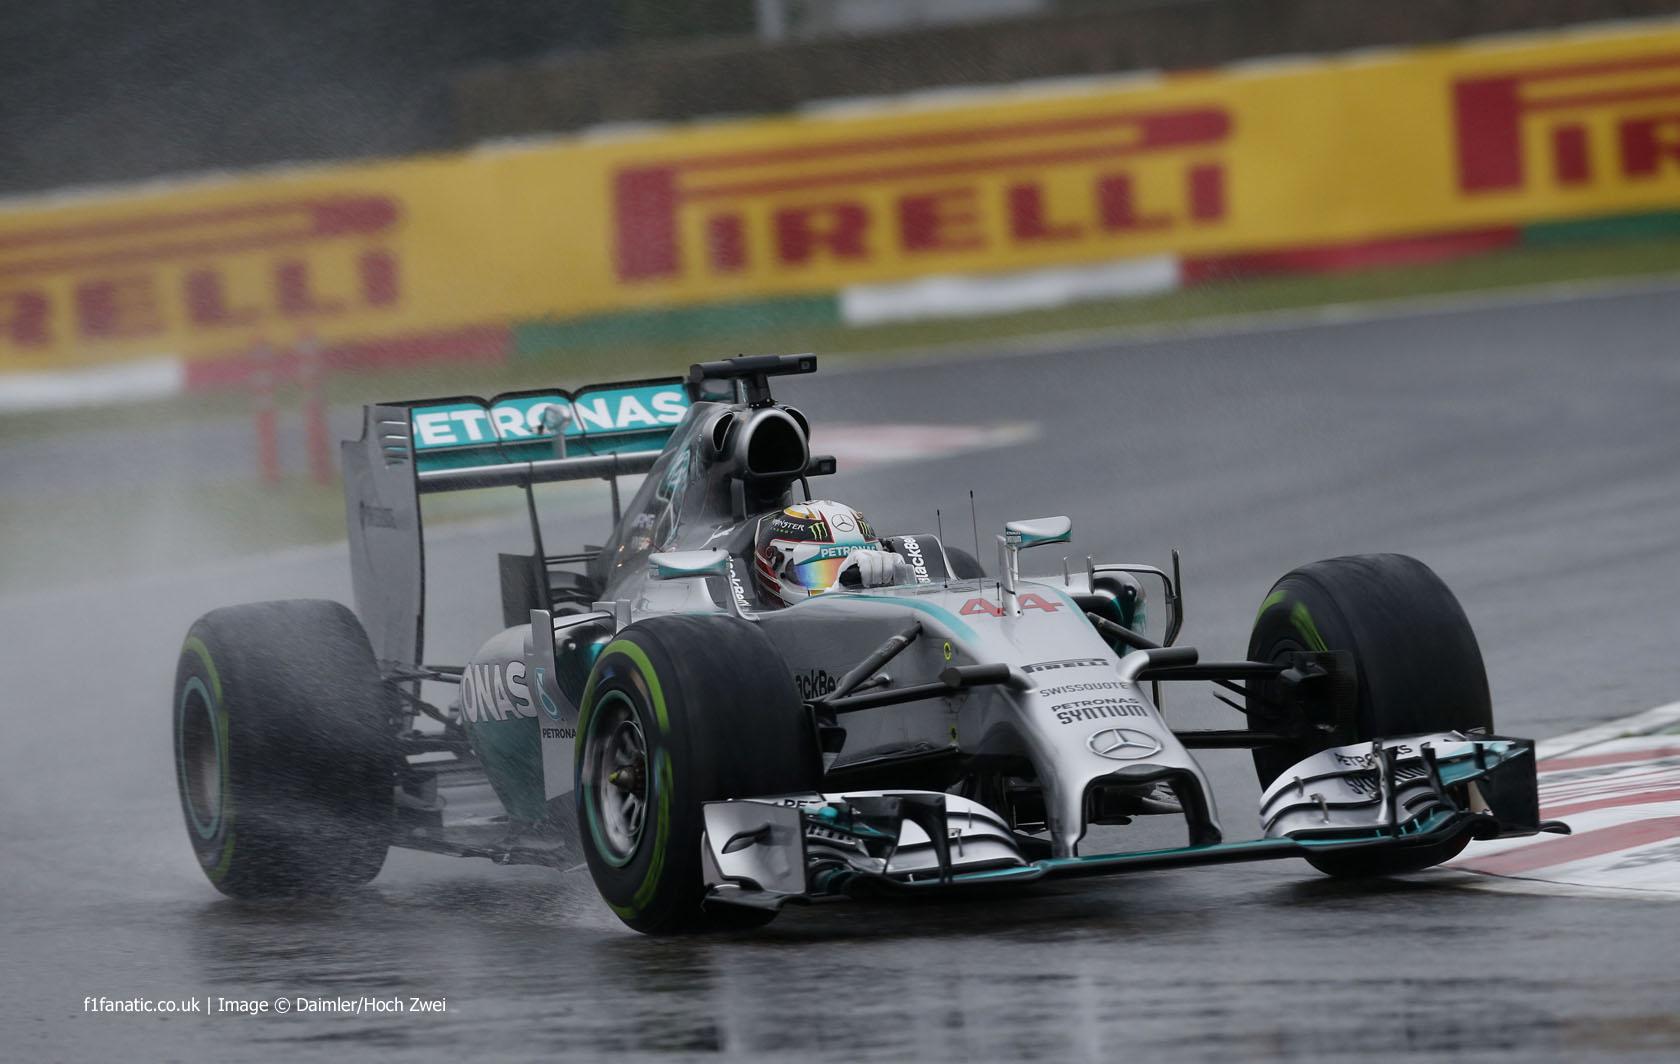 Hamilton and Vettel want wet tyre improvements